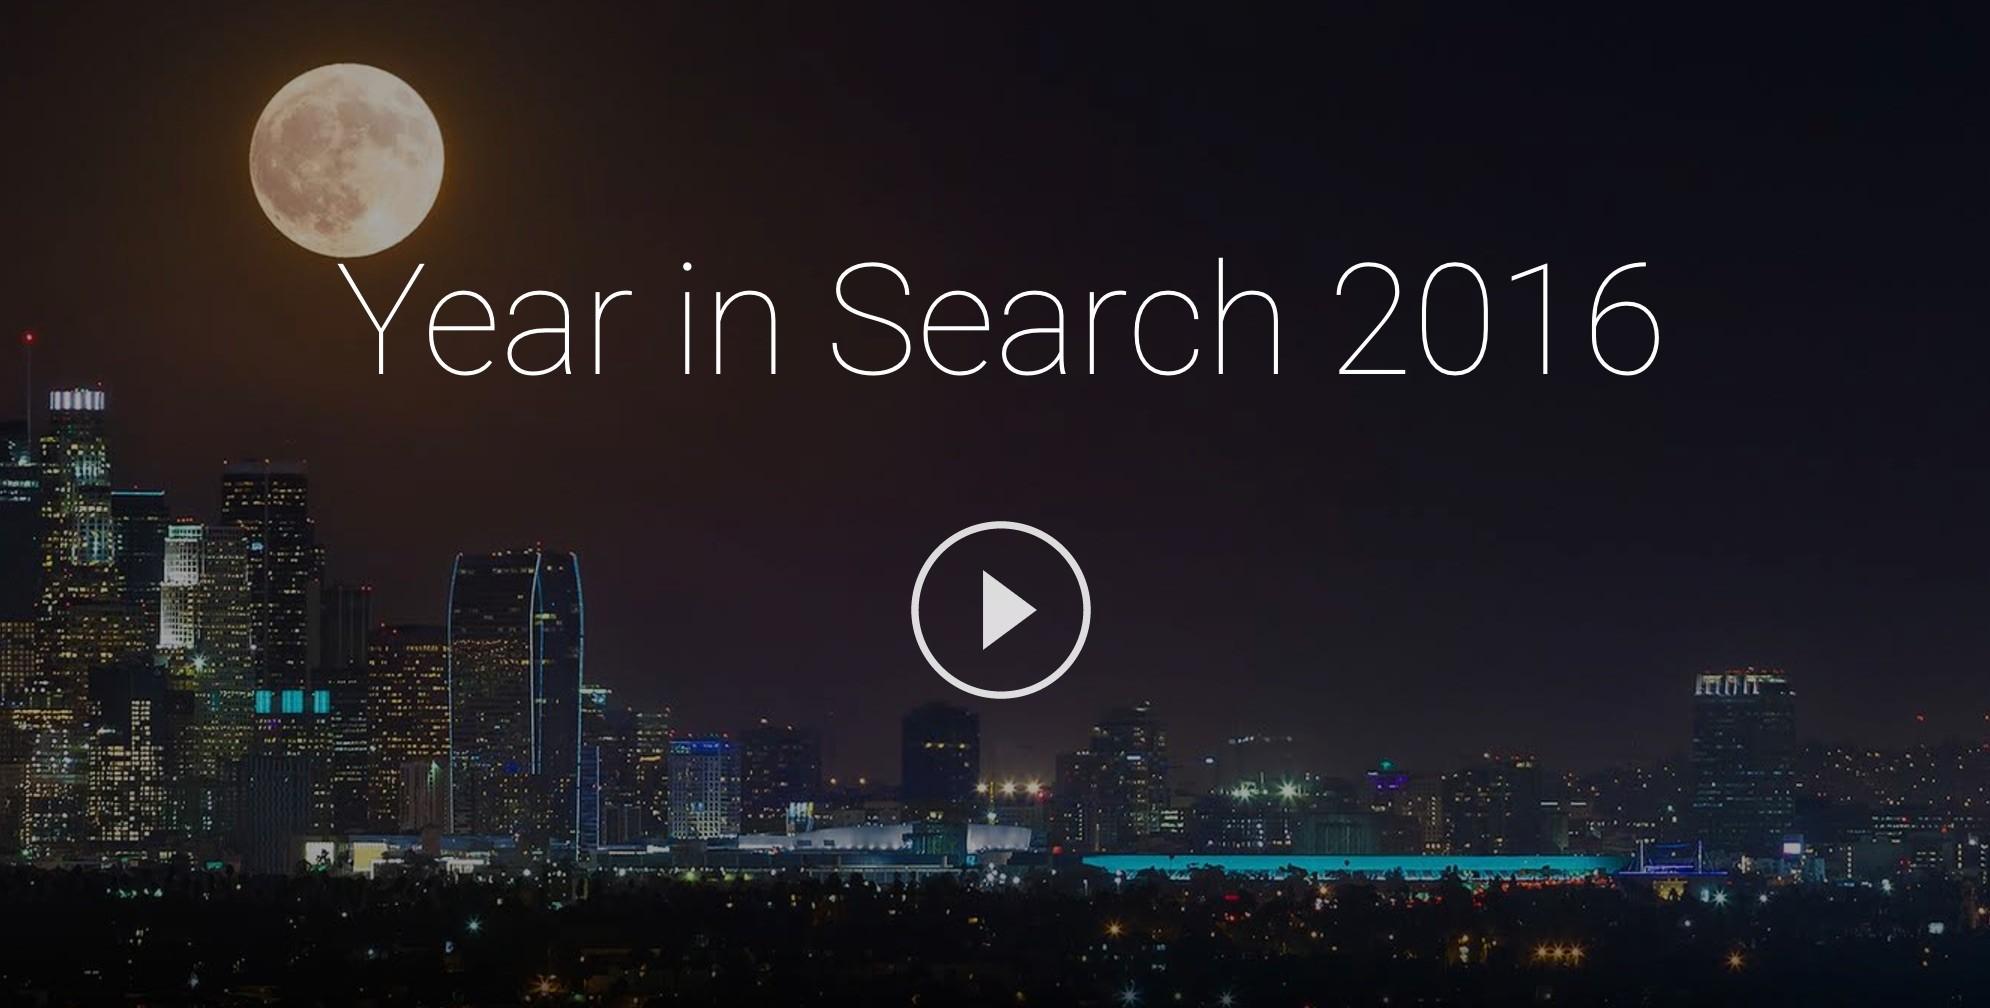 Google tổng hợp từ khóa tìm kiếm nhiều nhất Việt Nam năm 2016